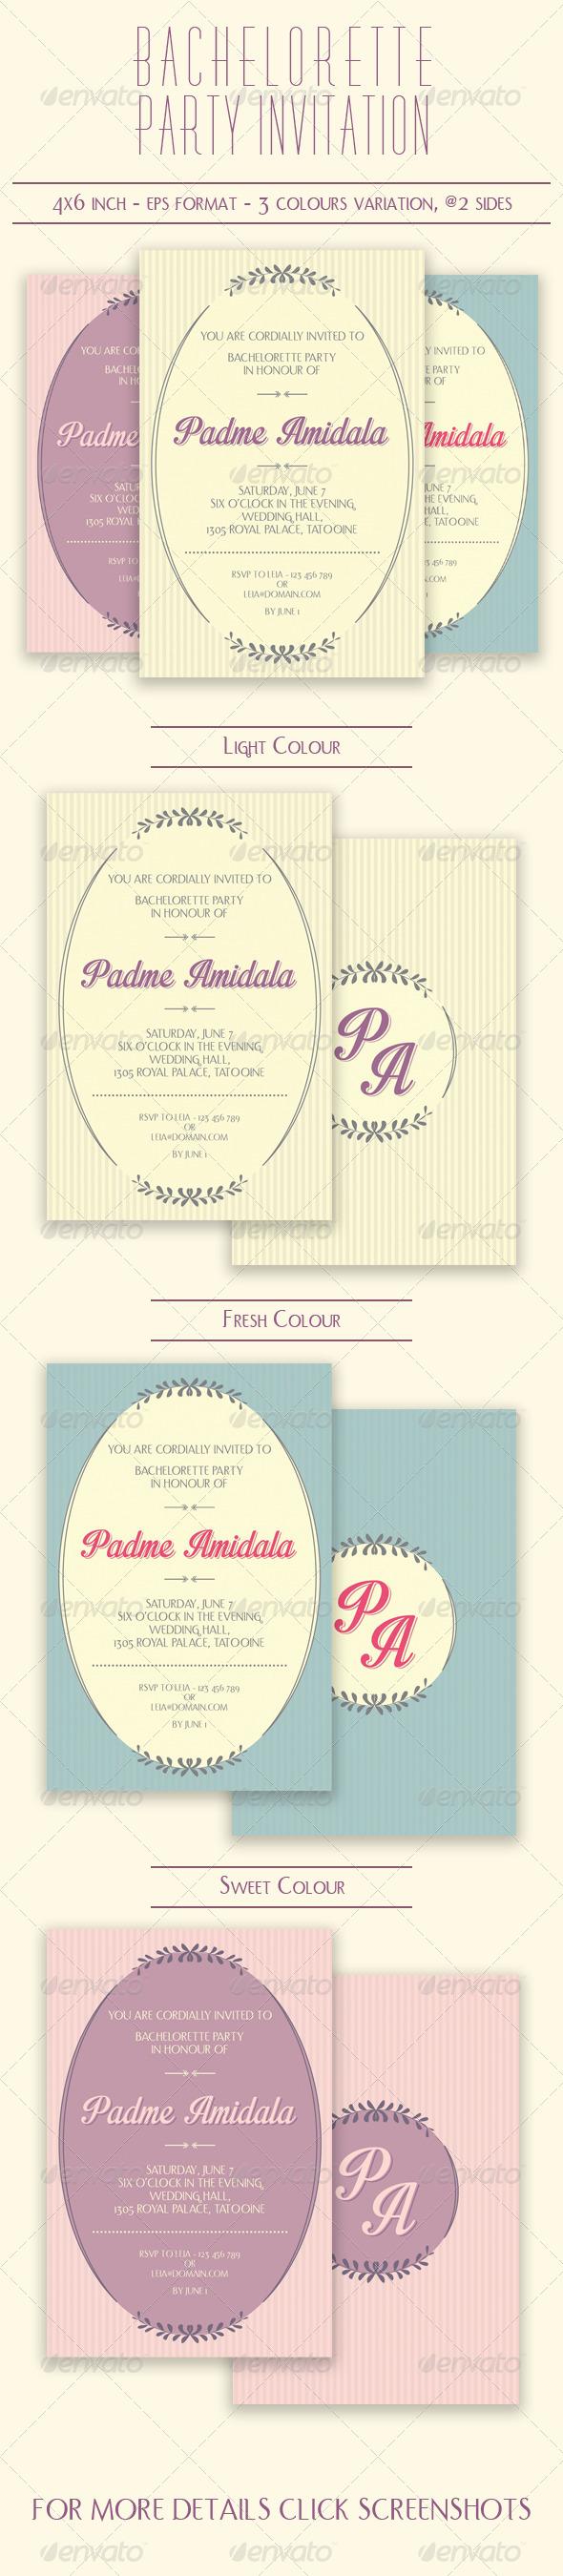 GraphicRiver Bachelorette Party Invitation 7820453